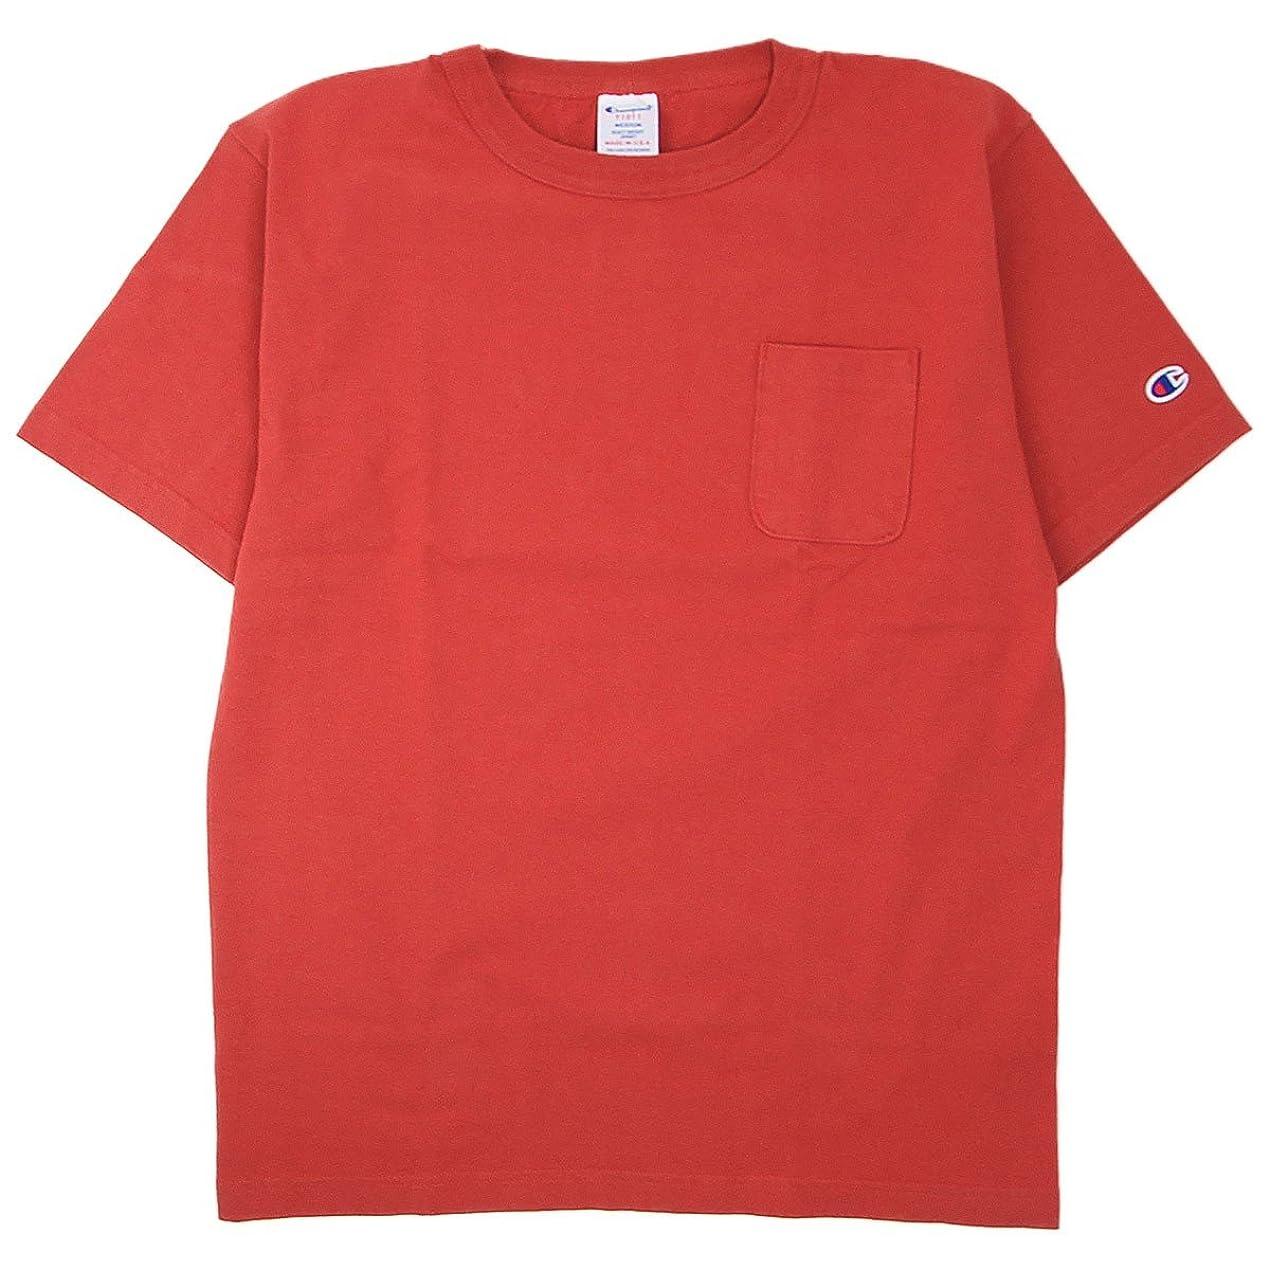 例外スチュアート島ペデスタル(チャンピオン) Champion Made in USA T1011 US ポケット Tシャツ 米国製 国内正規品 マルーン C5-B303-970